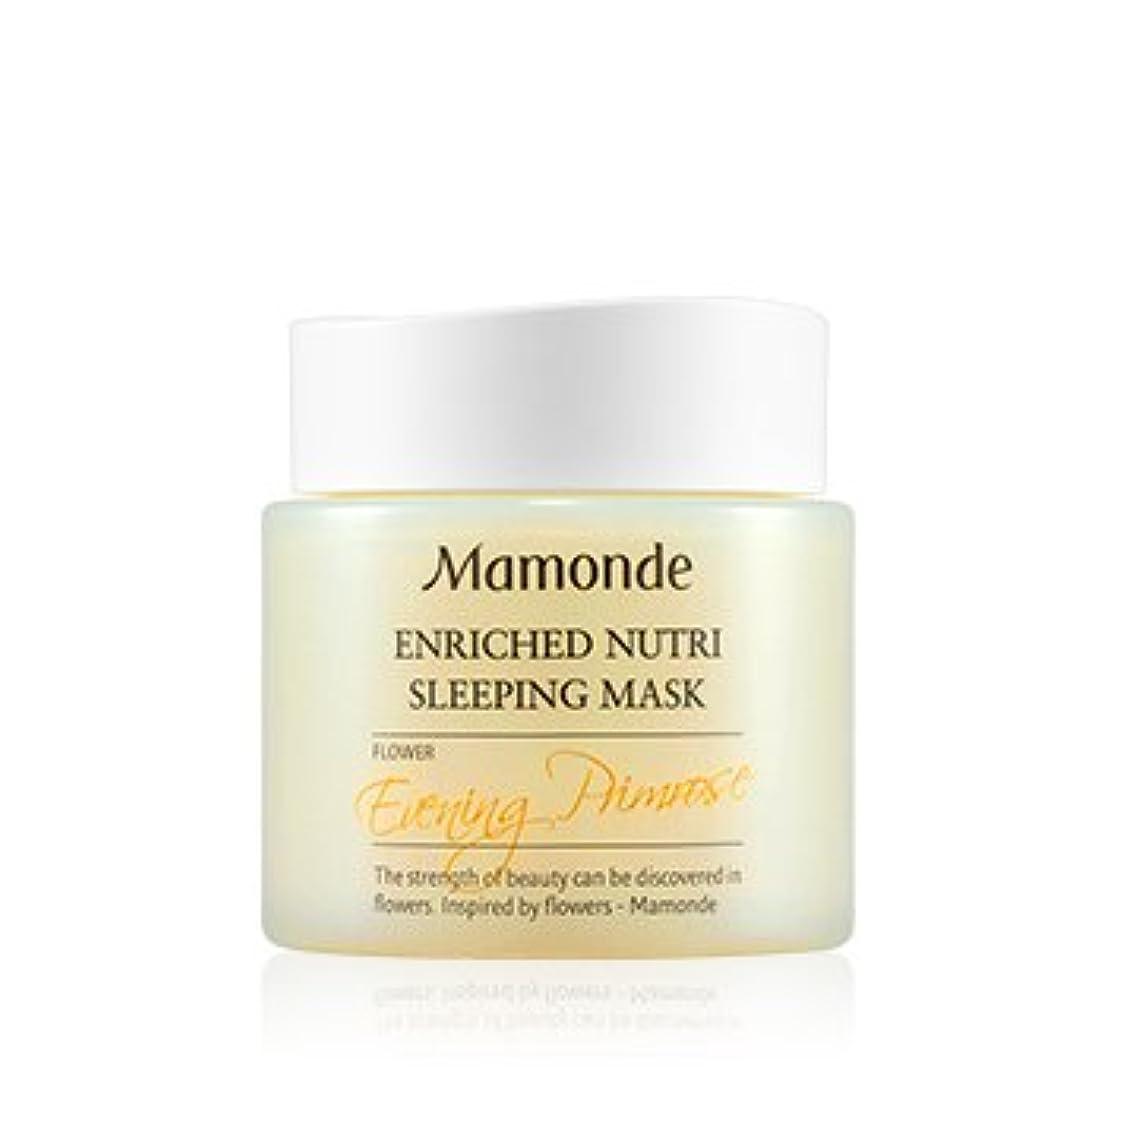 追加センブランス住人[New] Mamonde Enriched Nutri Sleeping Mask 100ml/マモンド エンリッチド ニュートリ スリーピング マスク 100ml [並行輸入品]